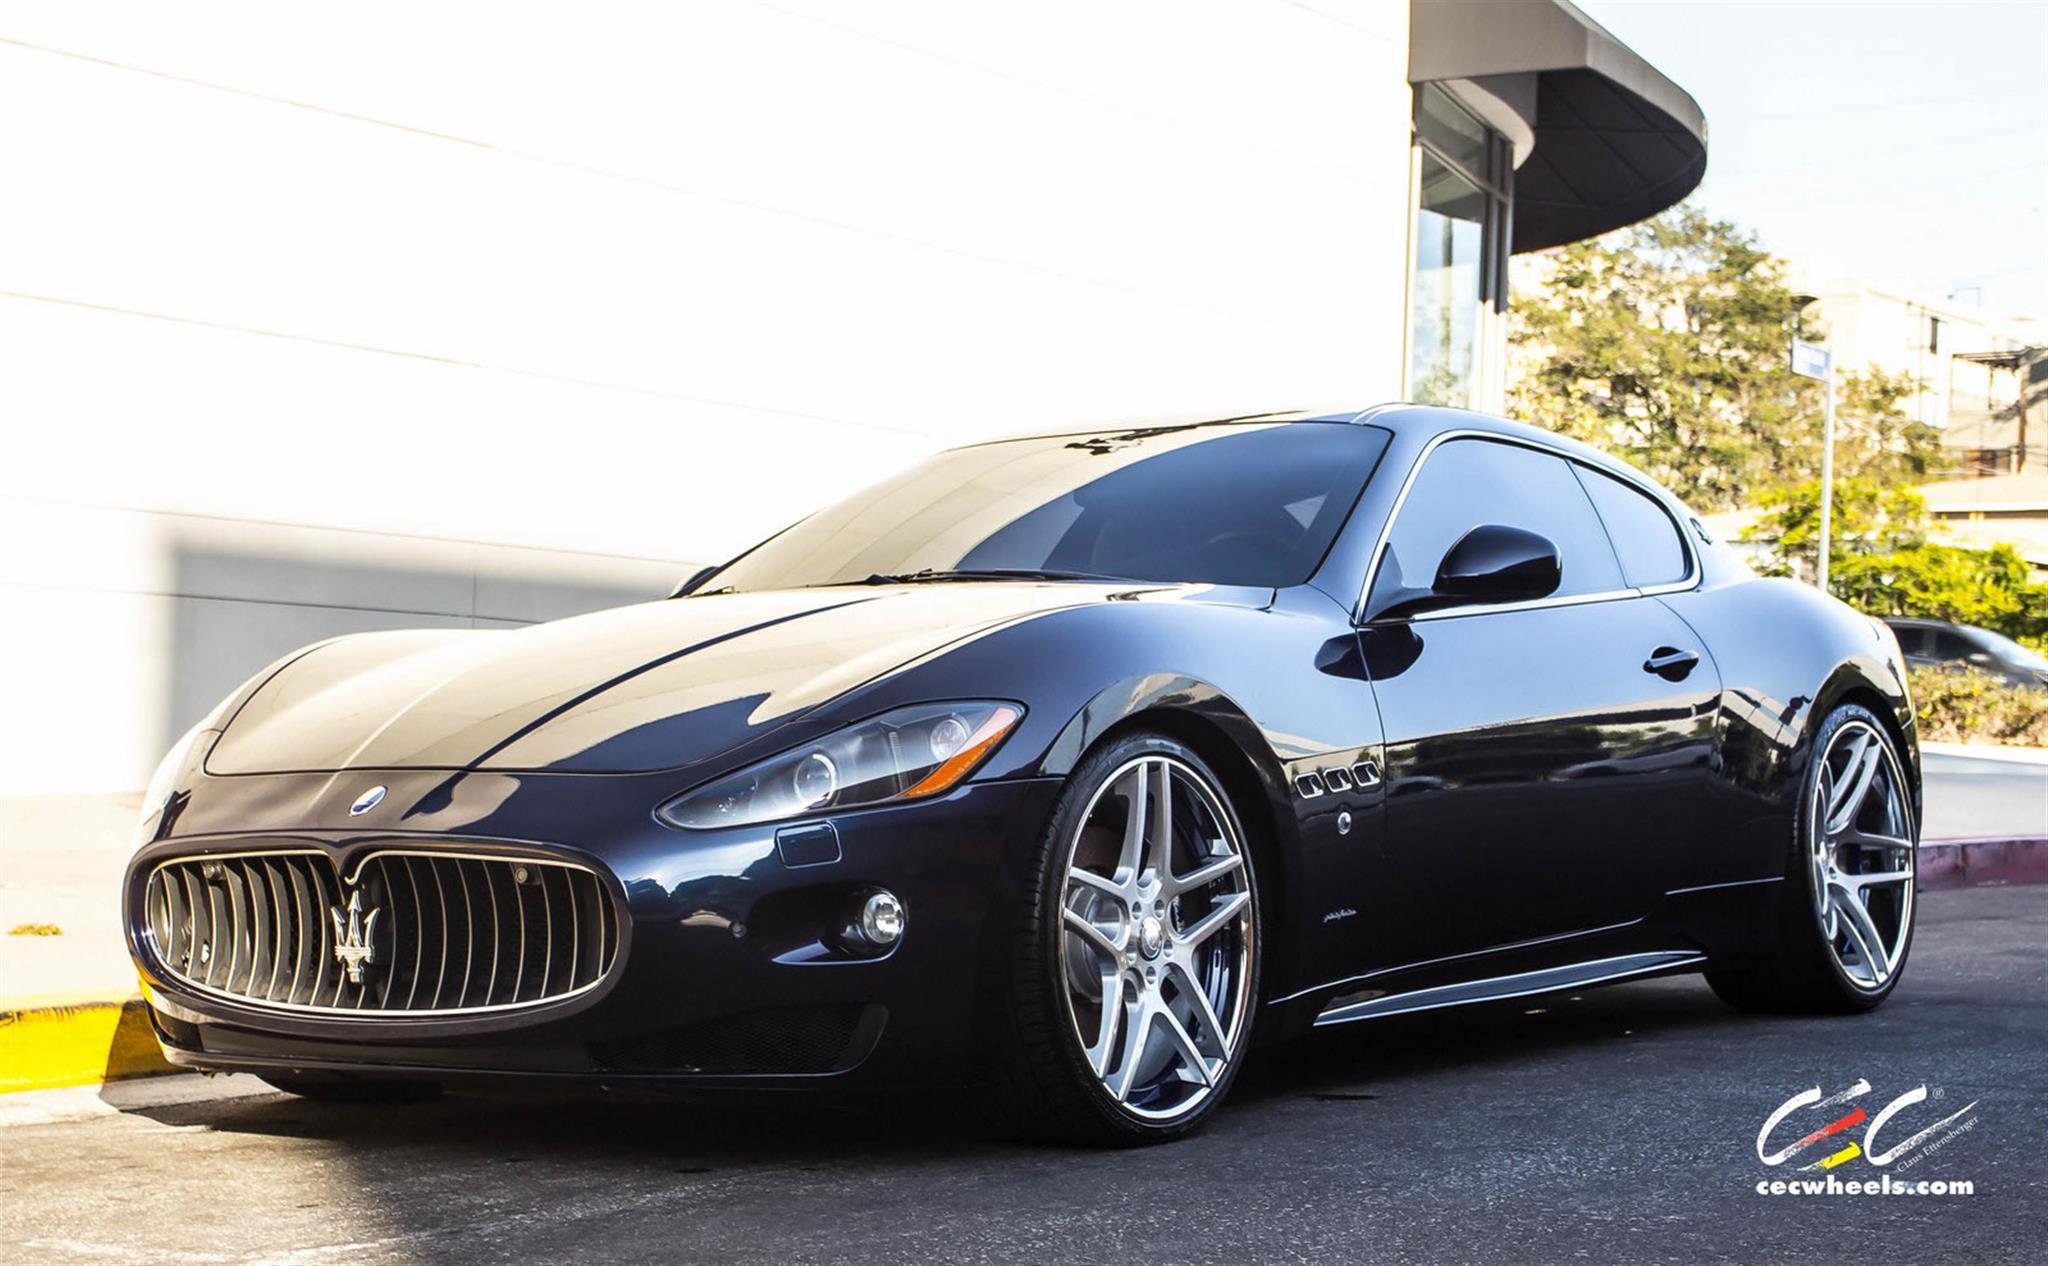 2010 Maserati GranTurismo S - CEC - Los Angeles,CA ,US ...